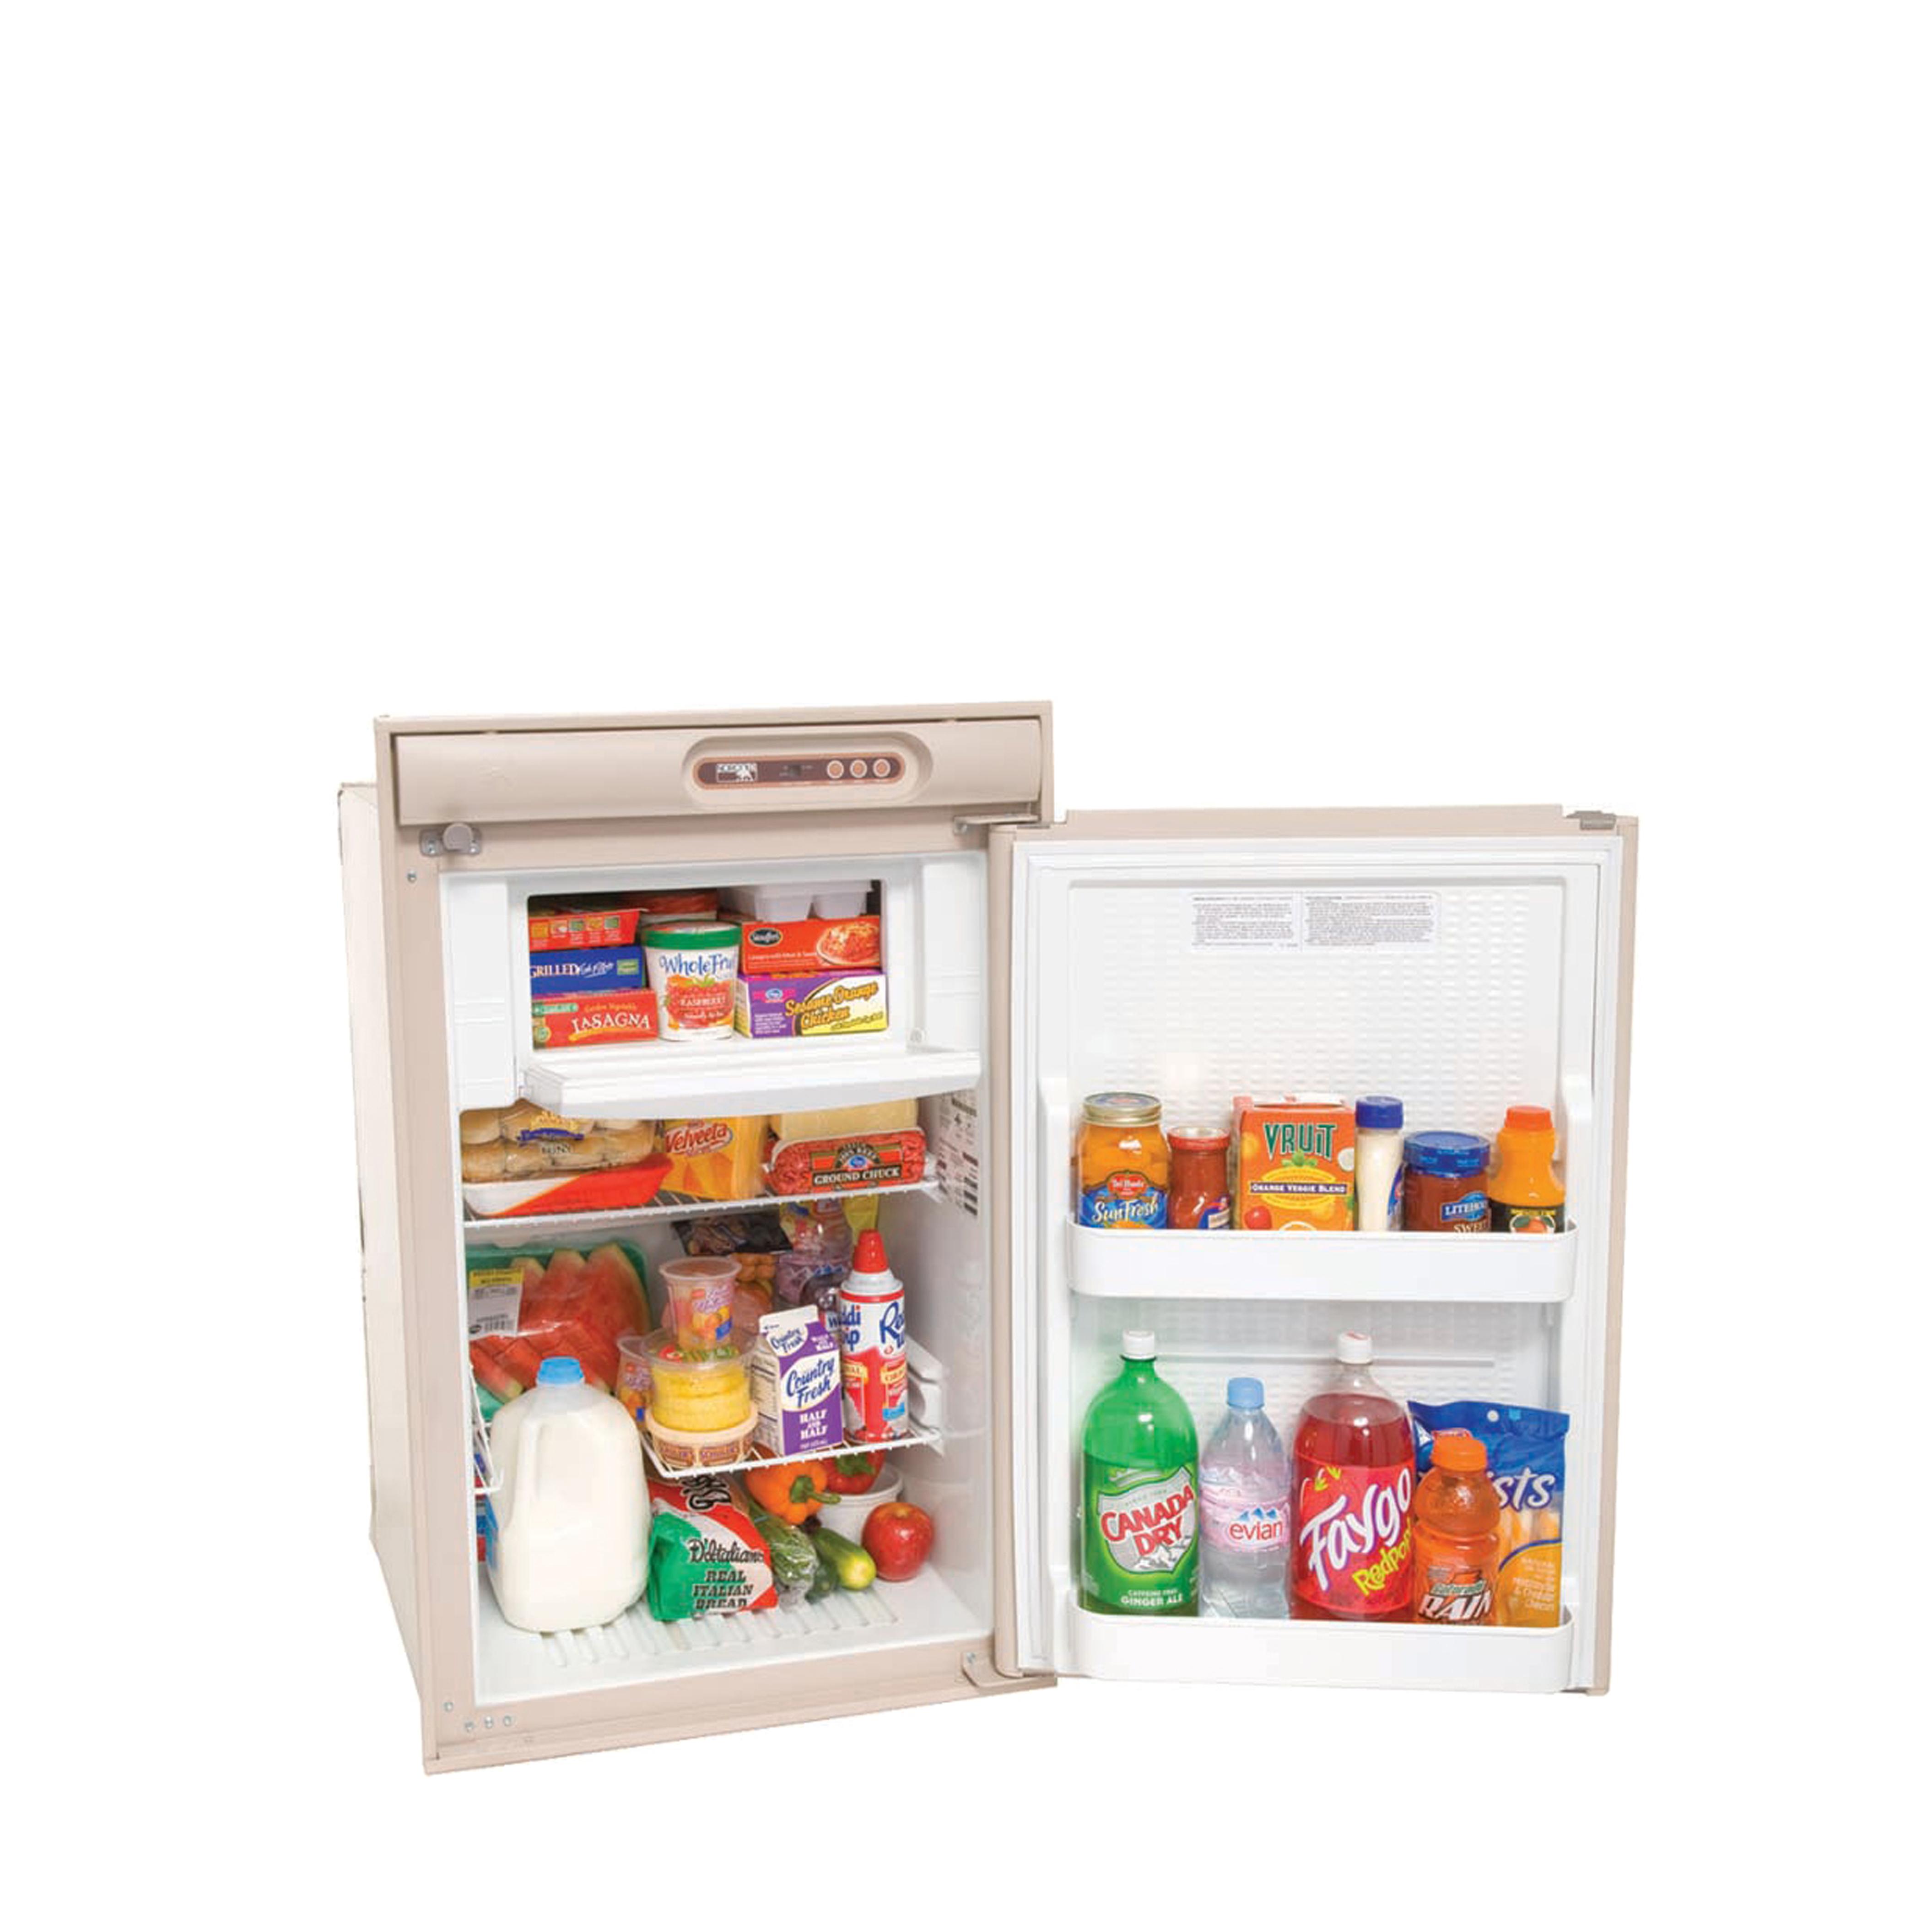 Rv Refrigerator Wiring Diagram Also Lp Gas Refrigerator Wiring Diagram